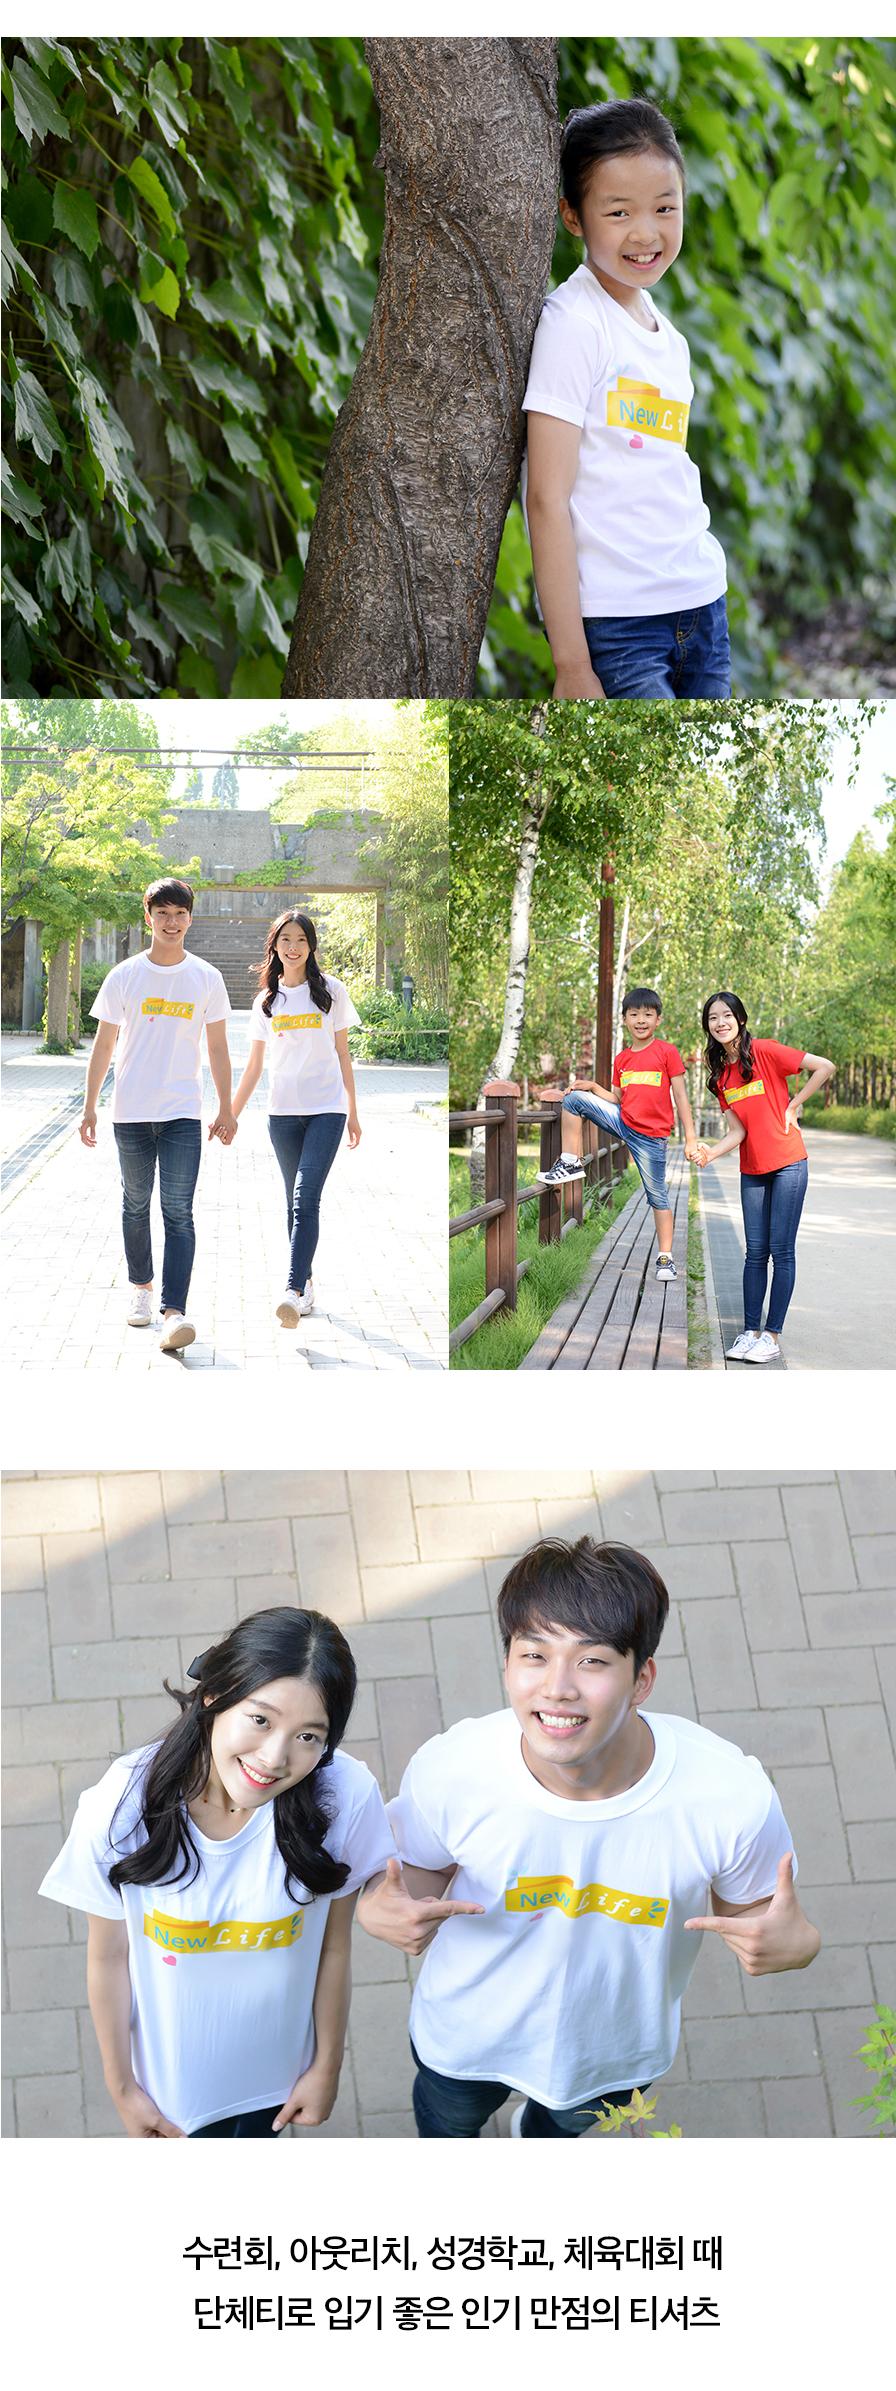 수련회, 아웃리치, 성경학교, 체육대회 때 단체티로 입기 좋은 티셔츠